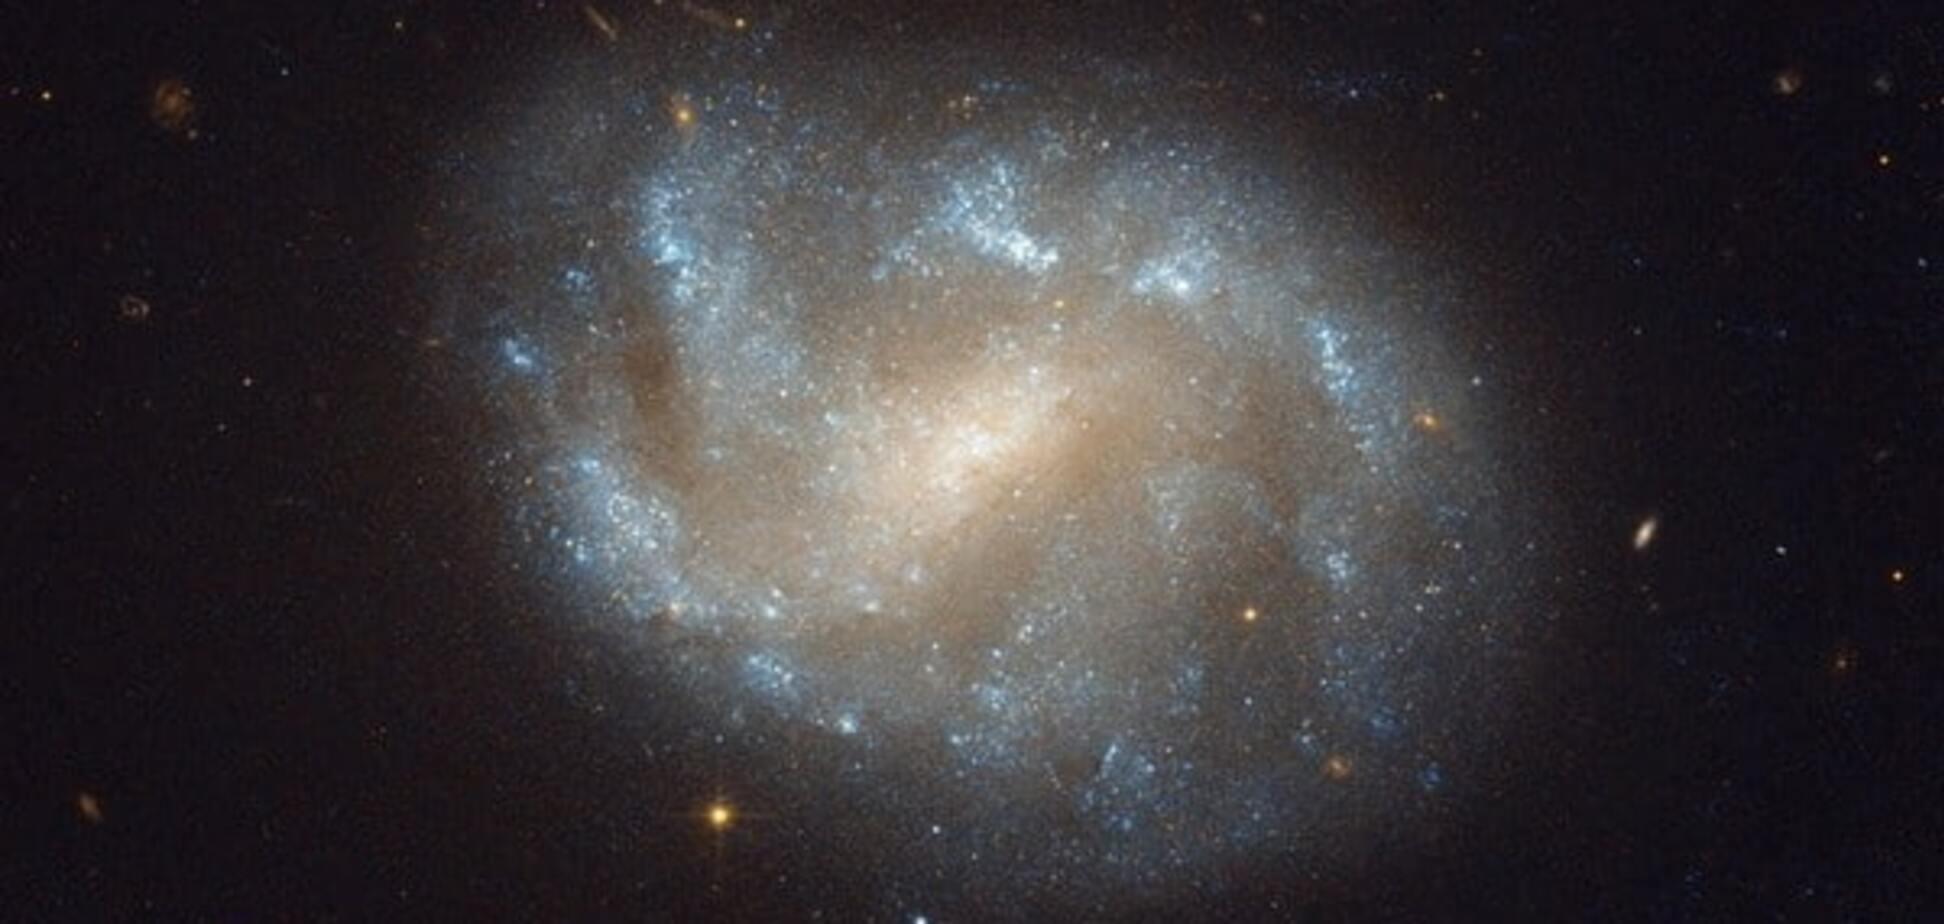 Загадка століття: вчені визначили, чи є Всесвіт голограмою